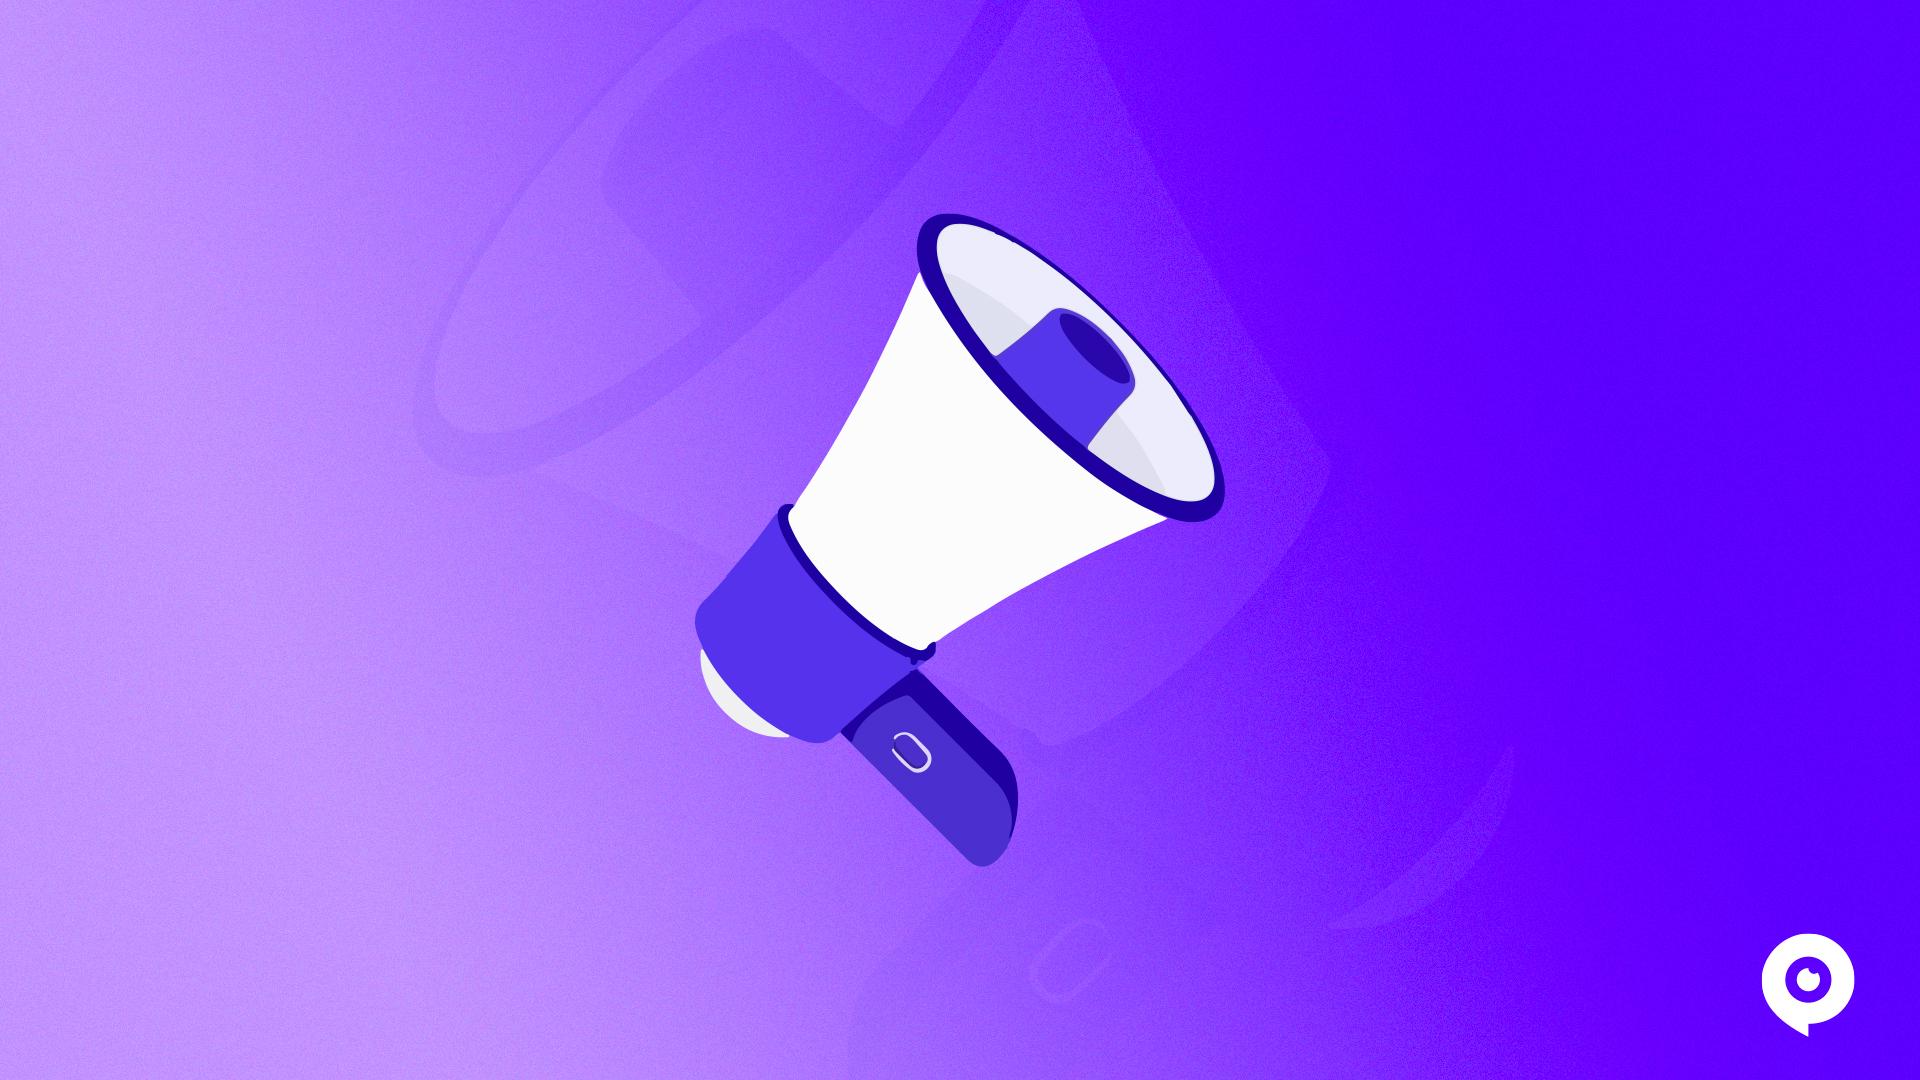 Conseils pour animer au mieux son événement virtuel